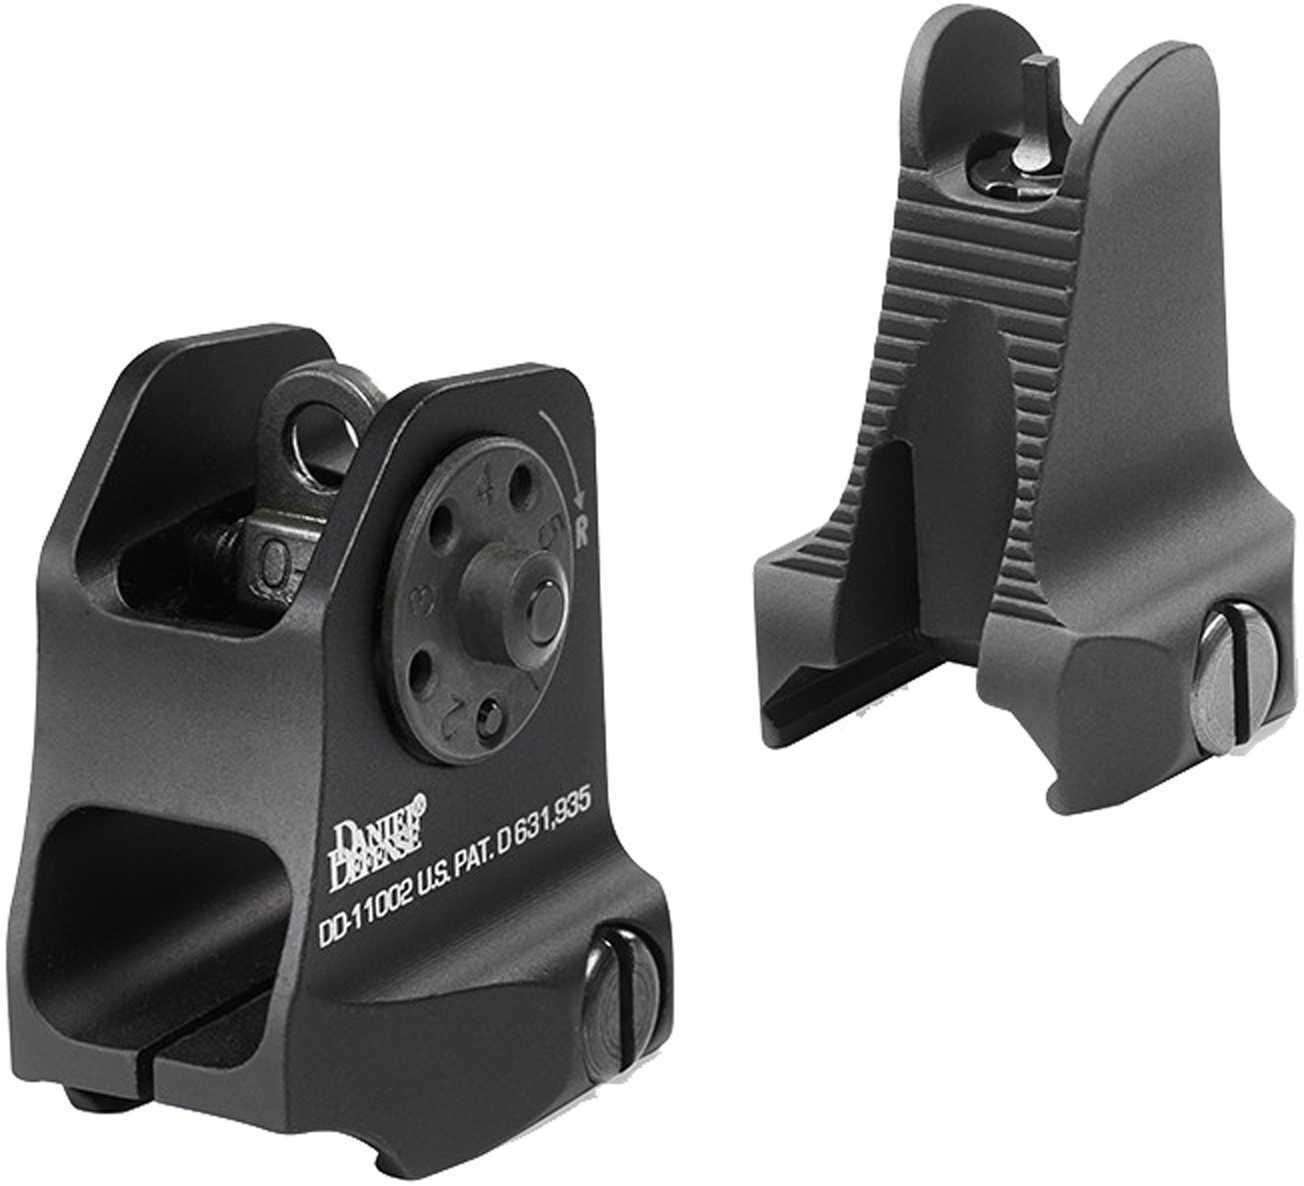 Daniel Defense 1908809116 Rock and Lock Fixed Front/Rear Sights AR-15 Aluminum Black